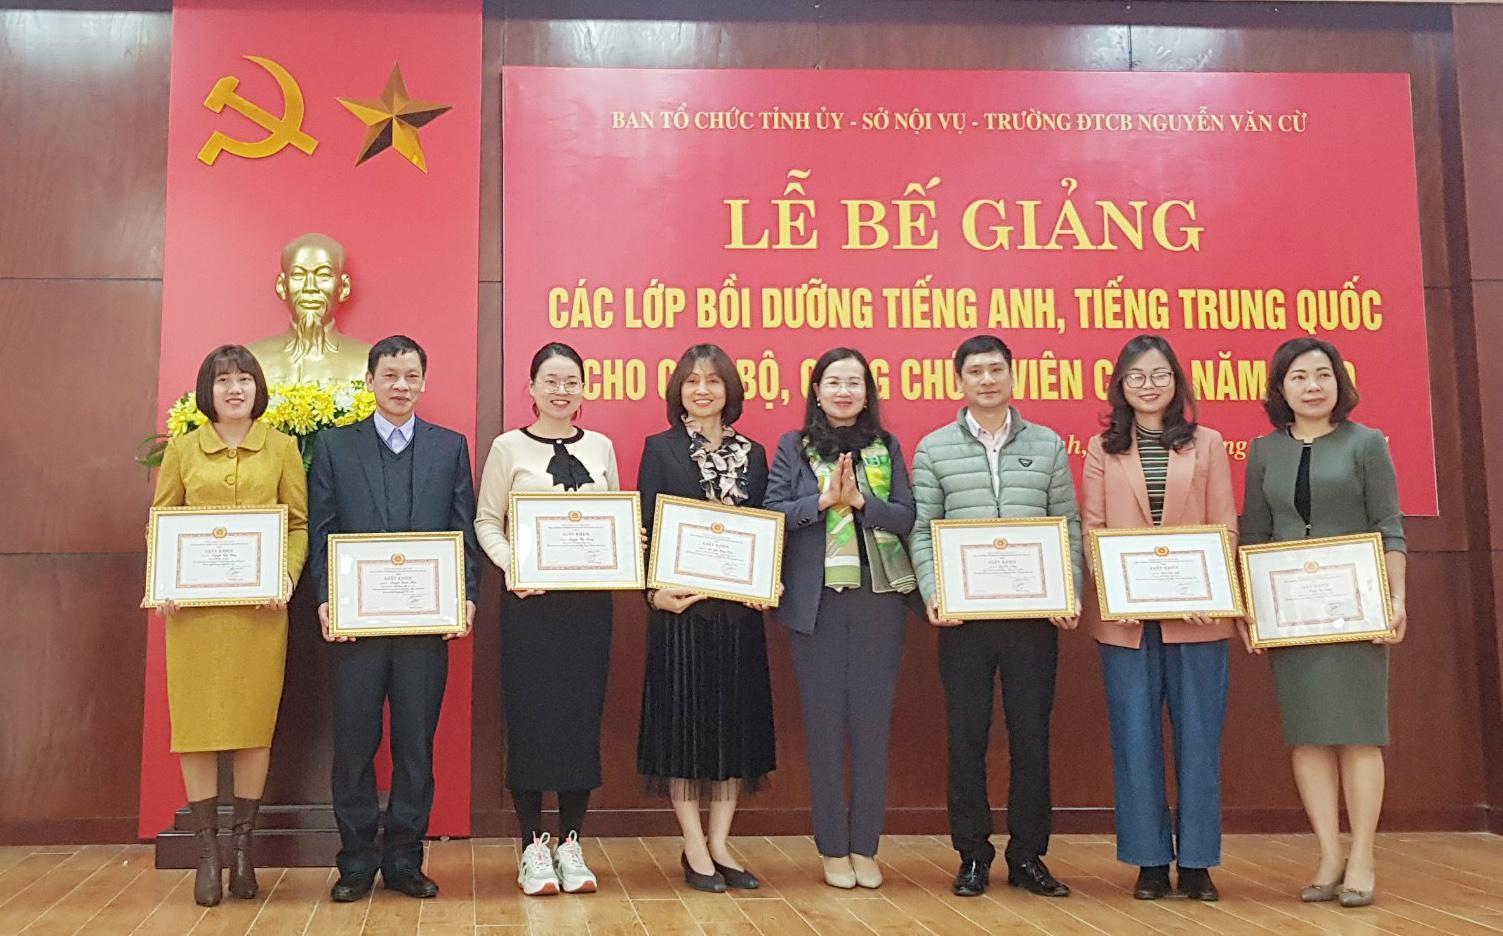 Bế giảng các lớp tiếng Anh, tiếng Trung Quốc cho CBCCVC năm 2020 Ảnh 2